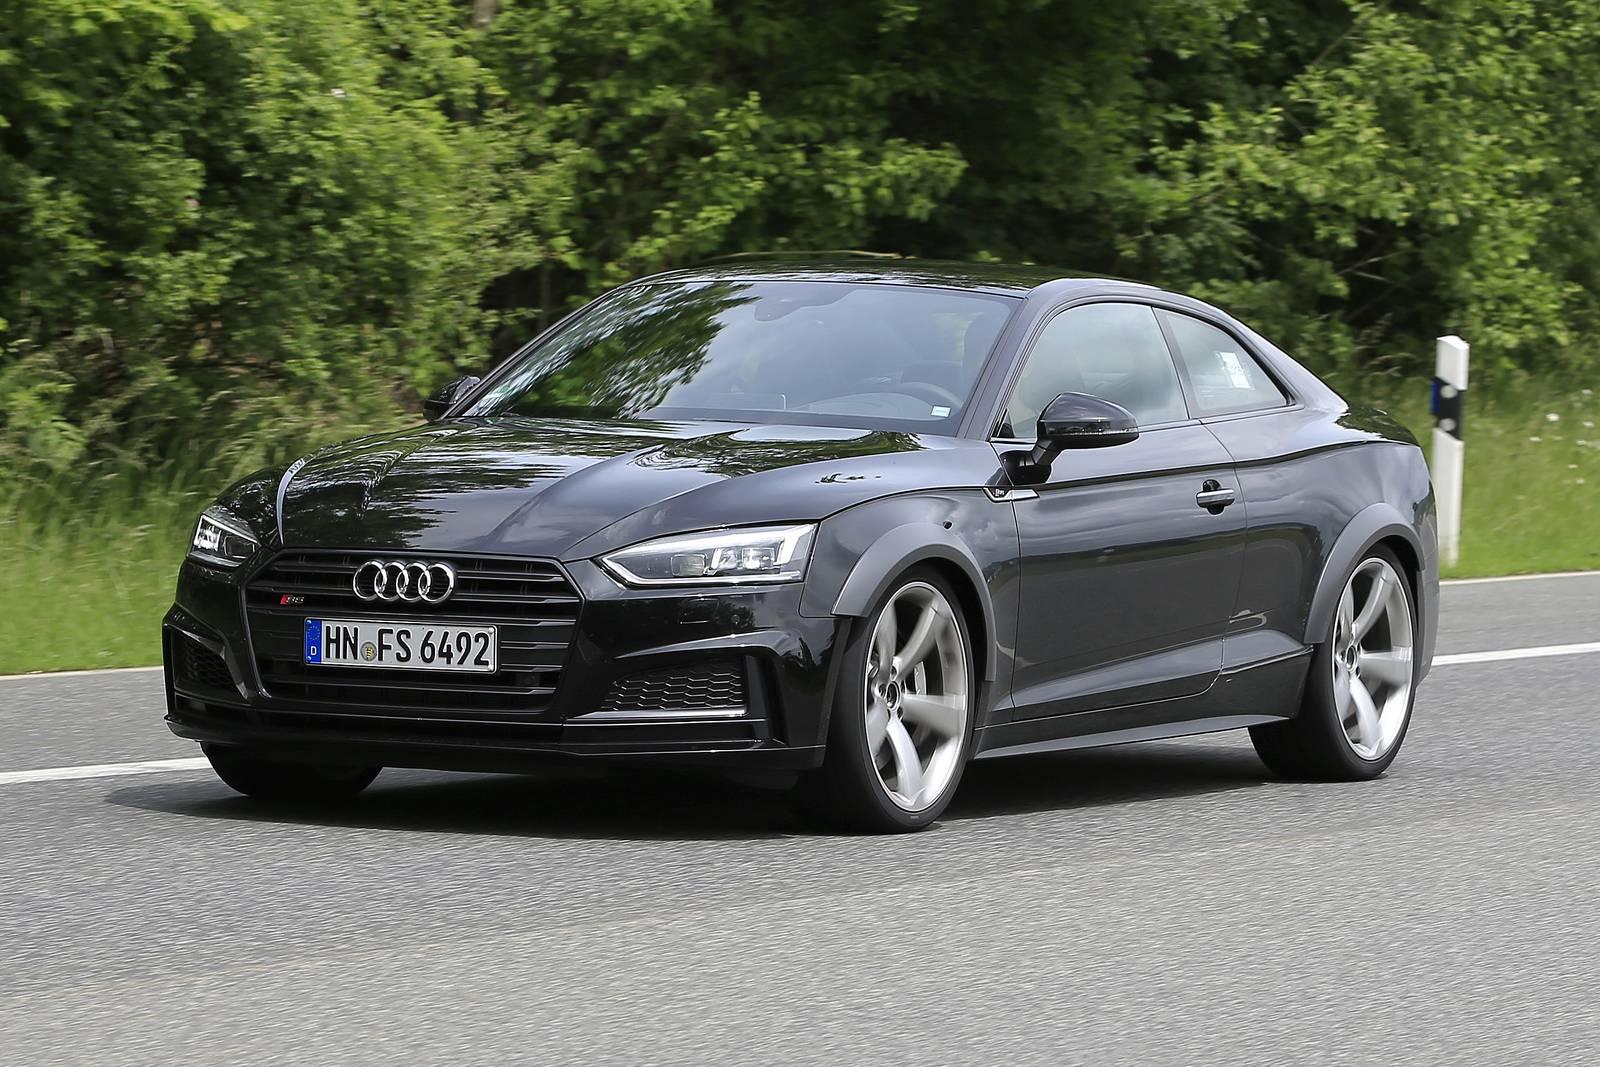 Audi s5 sportback us release date 16